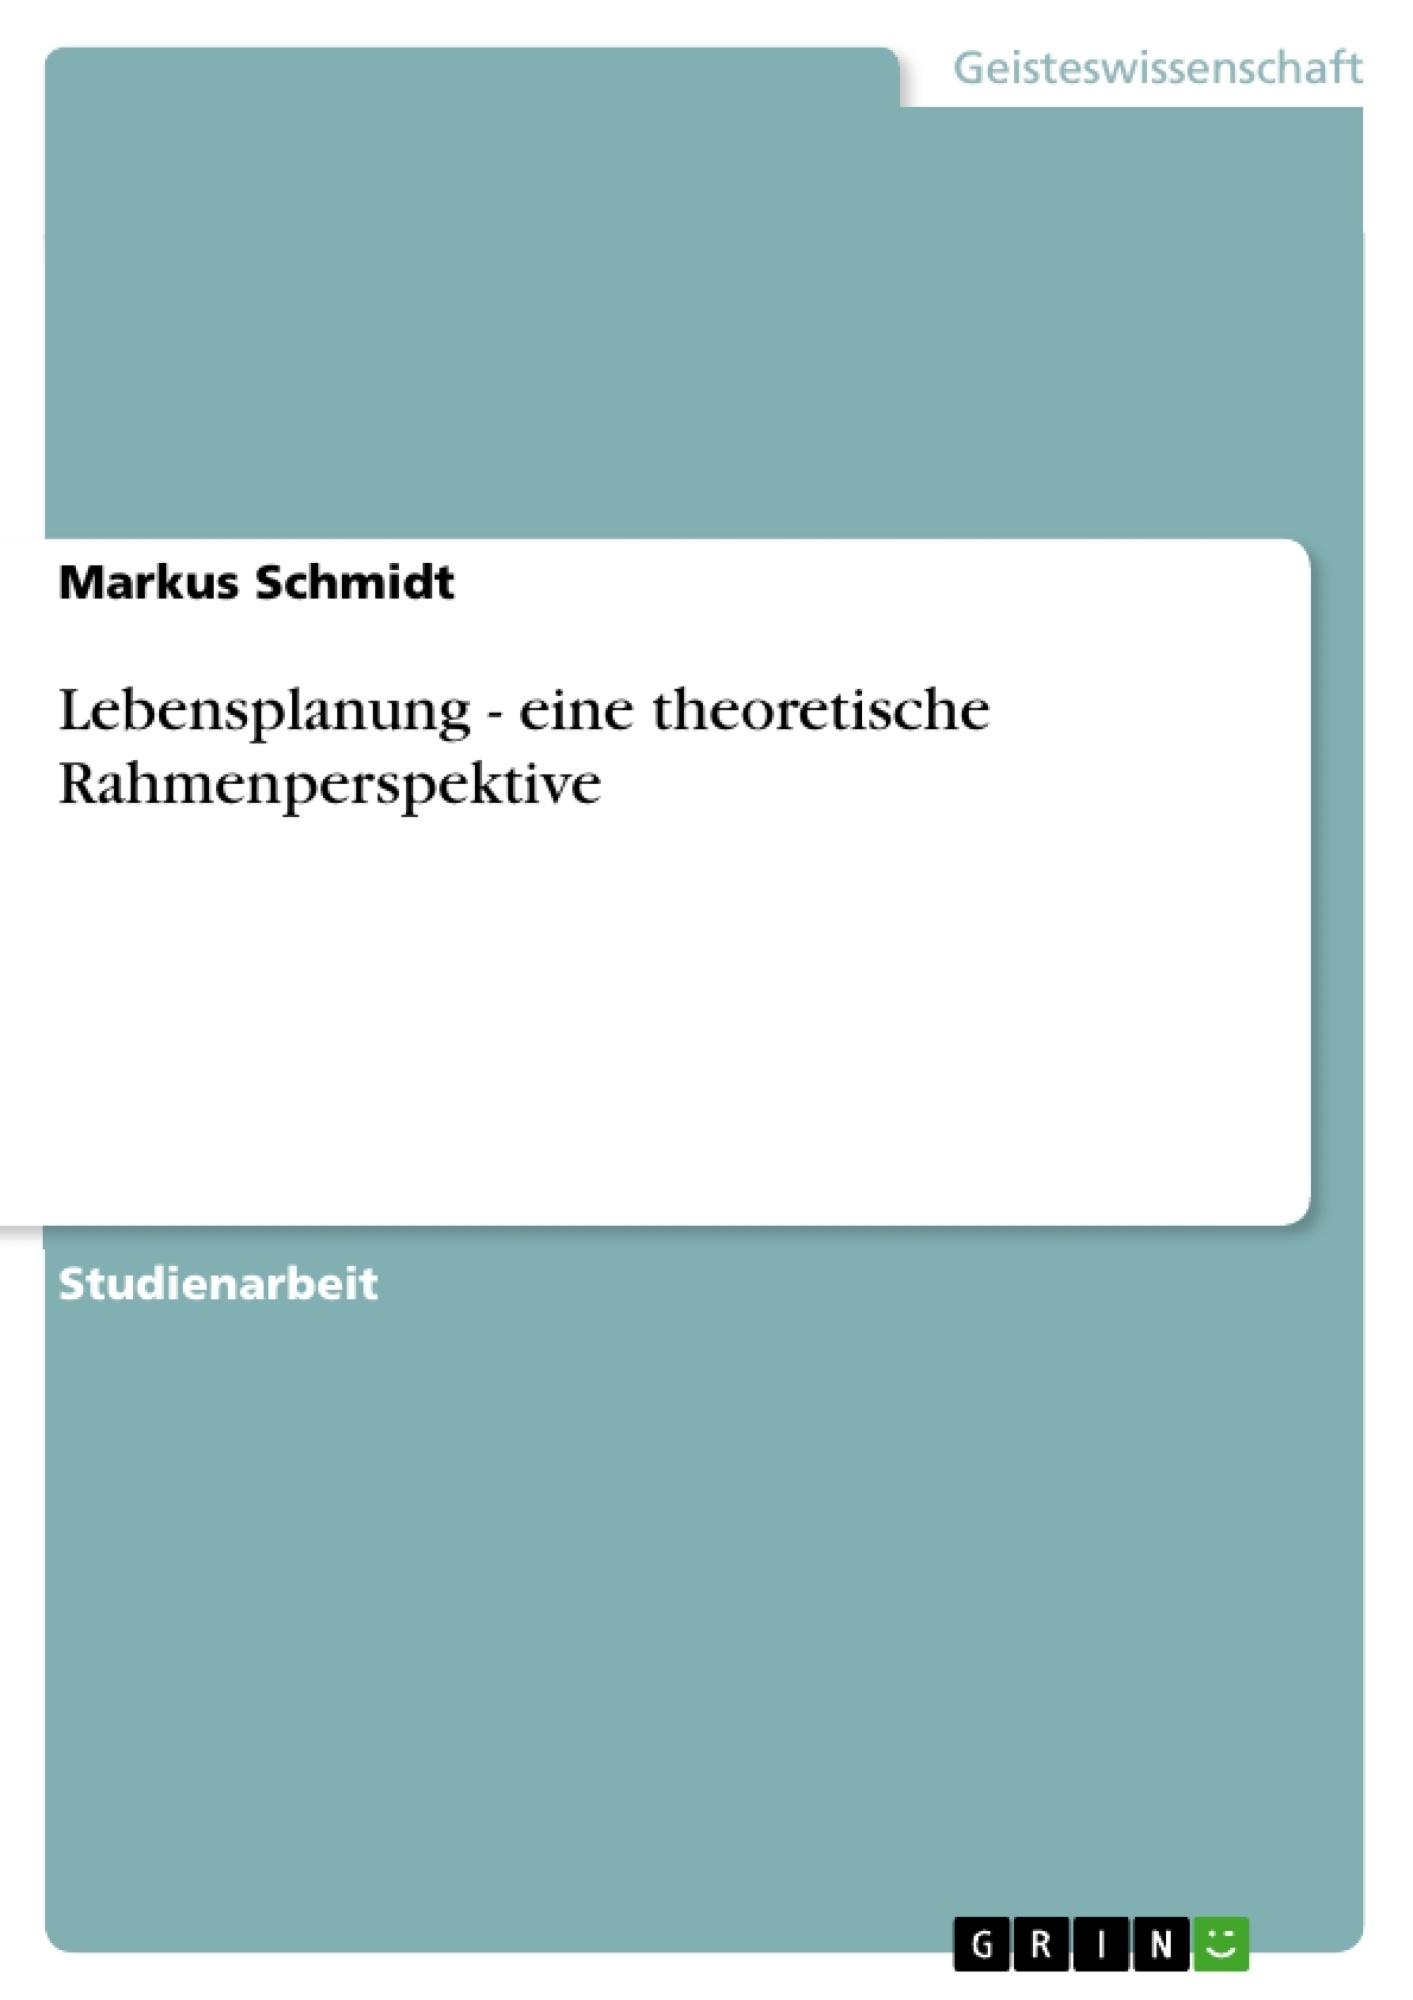 Titel: Lebensplanung - eine theoretische Rahmenperspektive